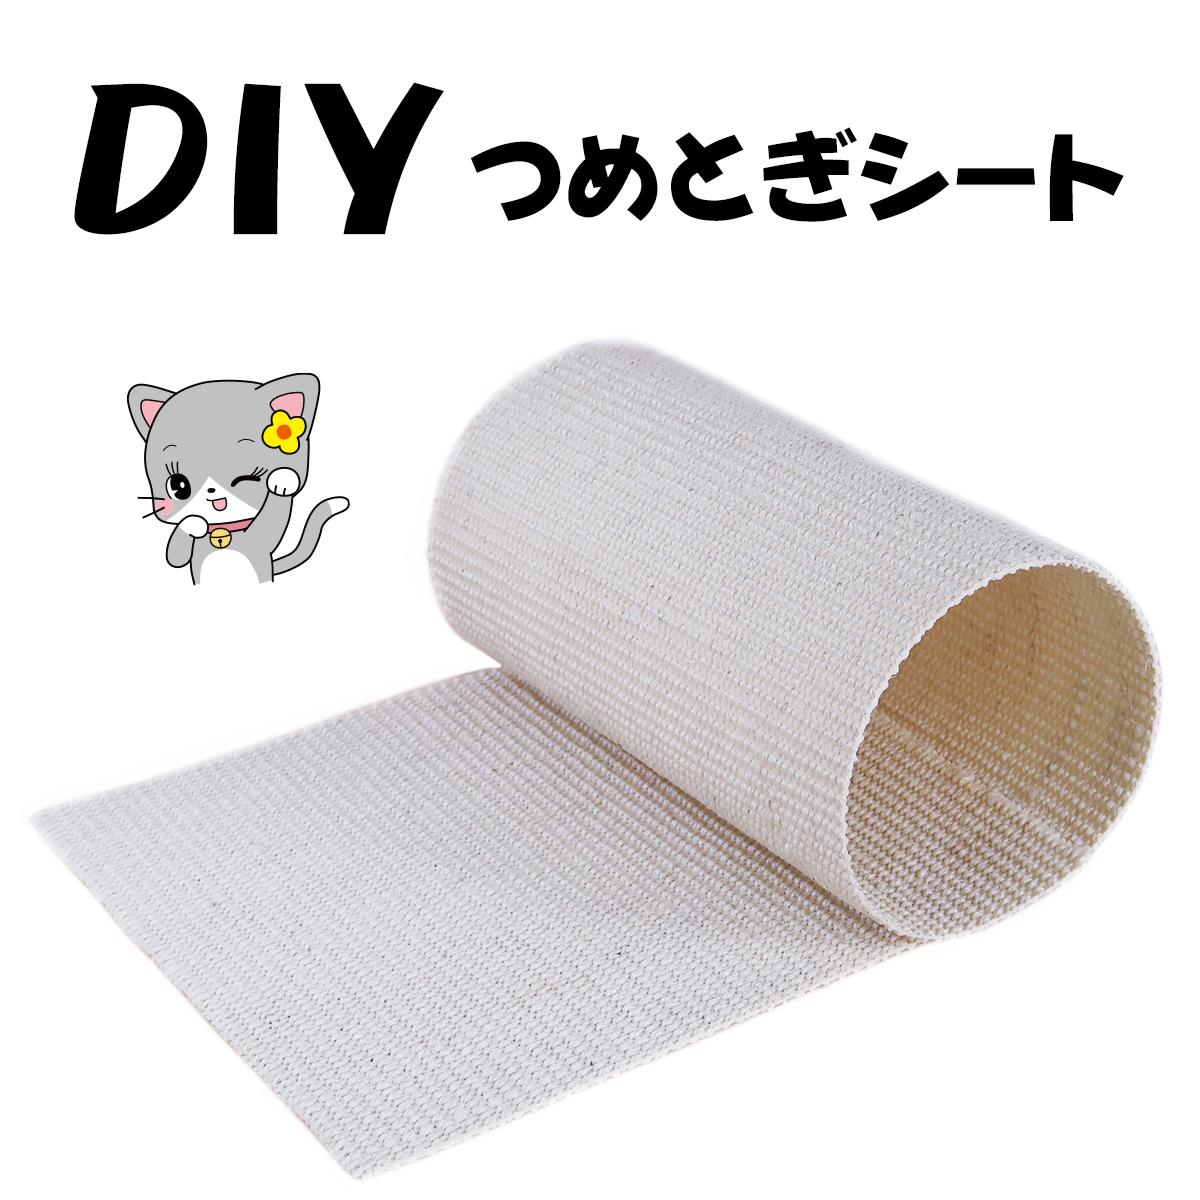 猫用 DIY裁ち切り爪とぎシート